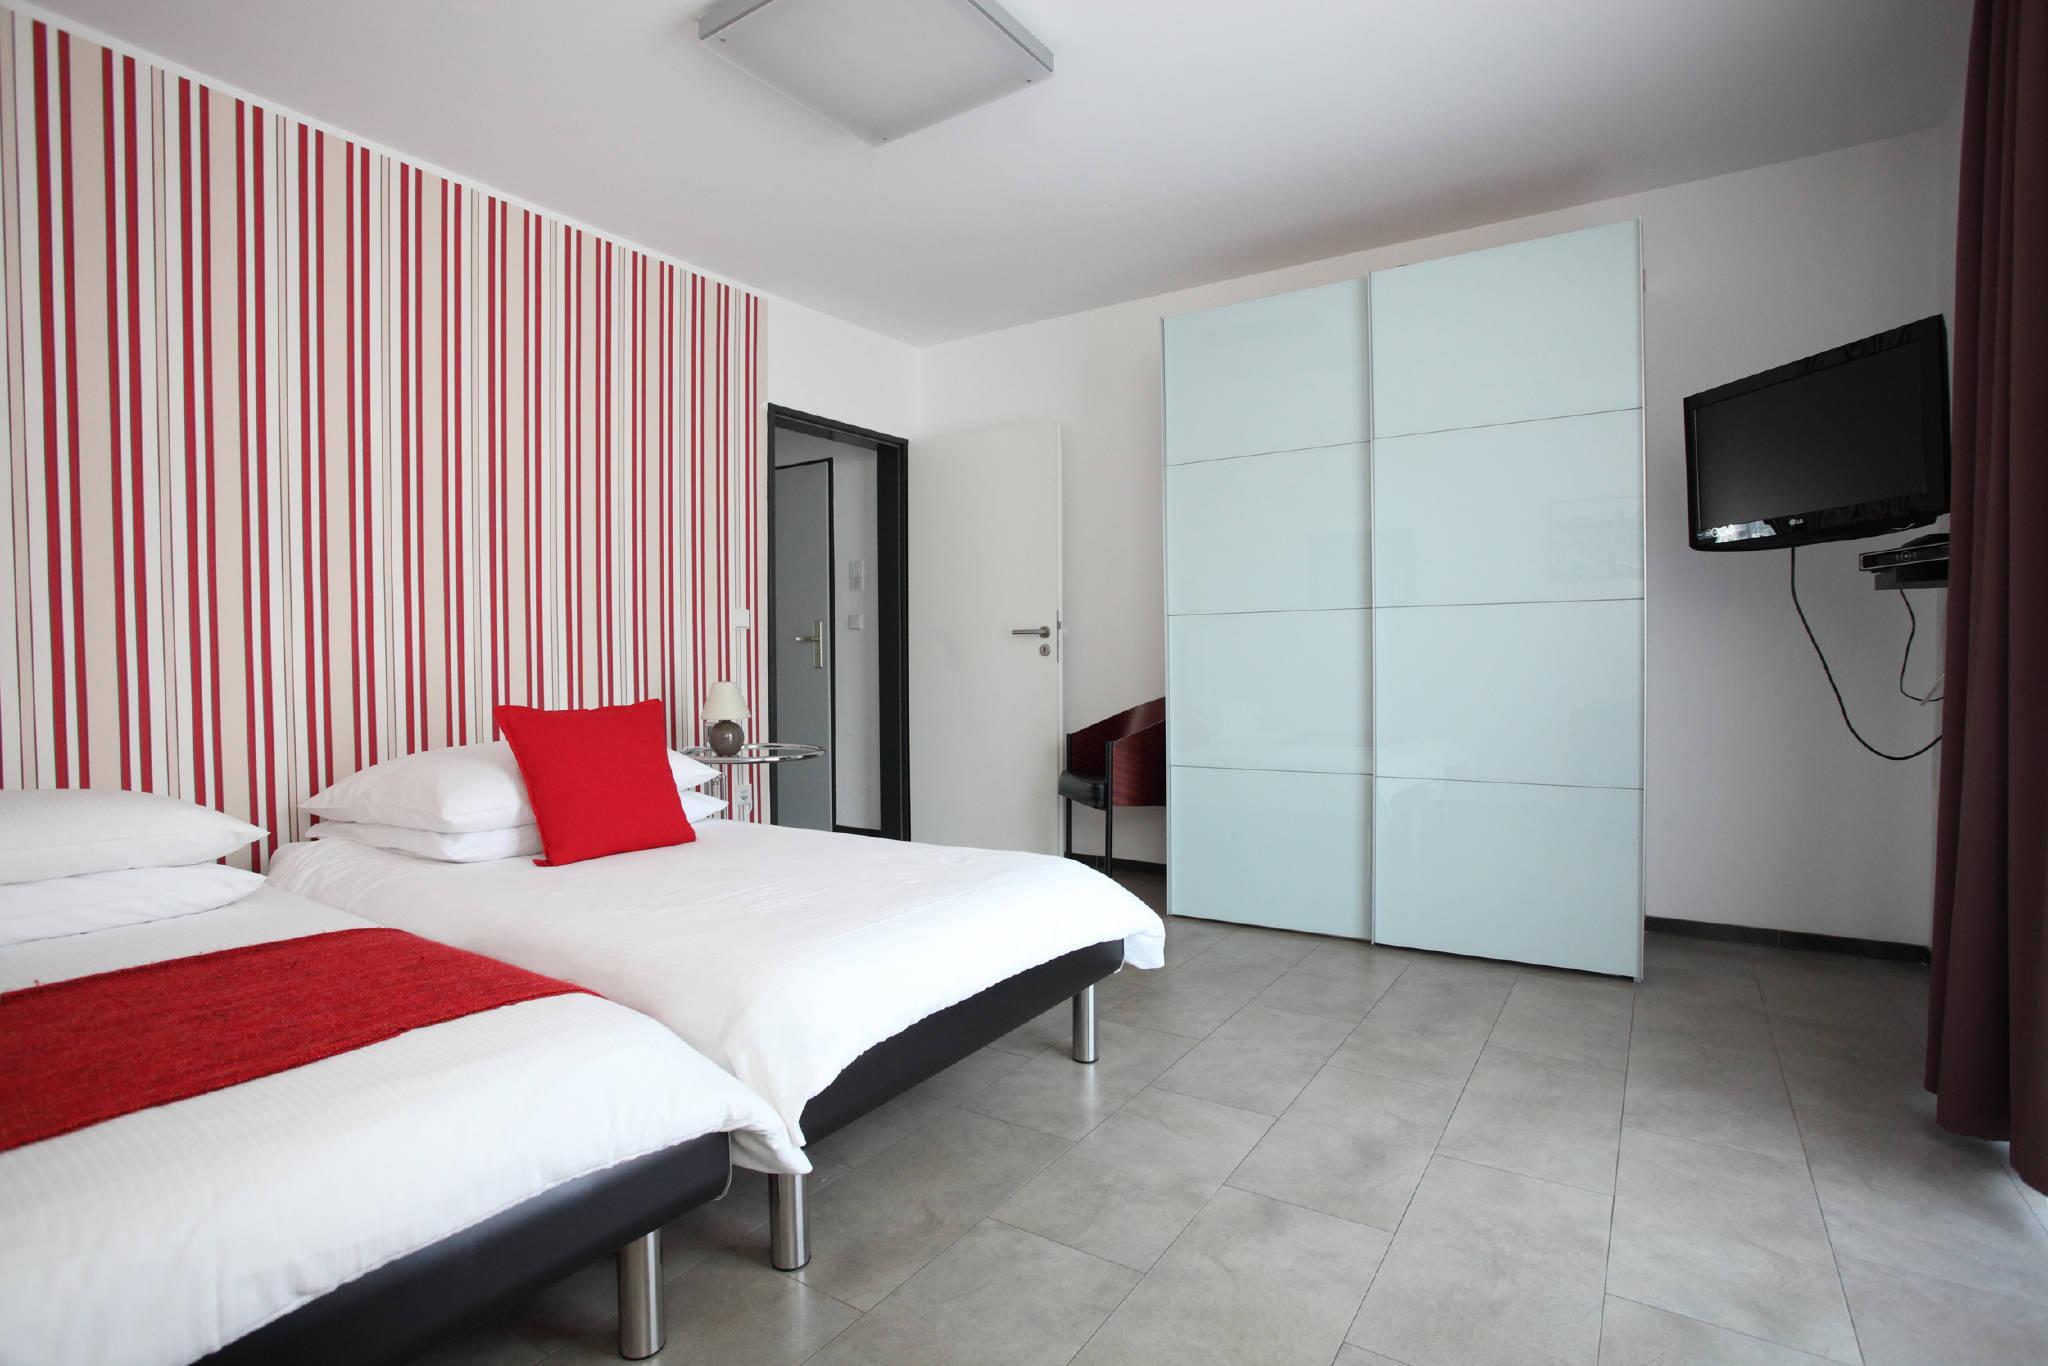 Ferienwohnungen Köln - 2-Zimmer Wohnung in Köln Nordrhein-Westfalen